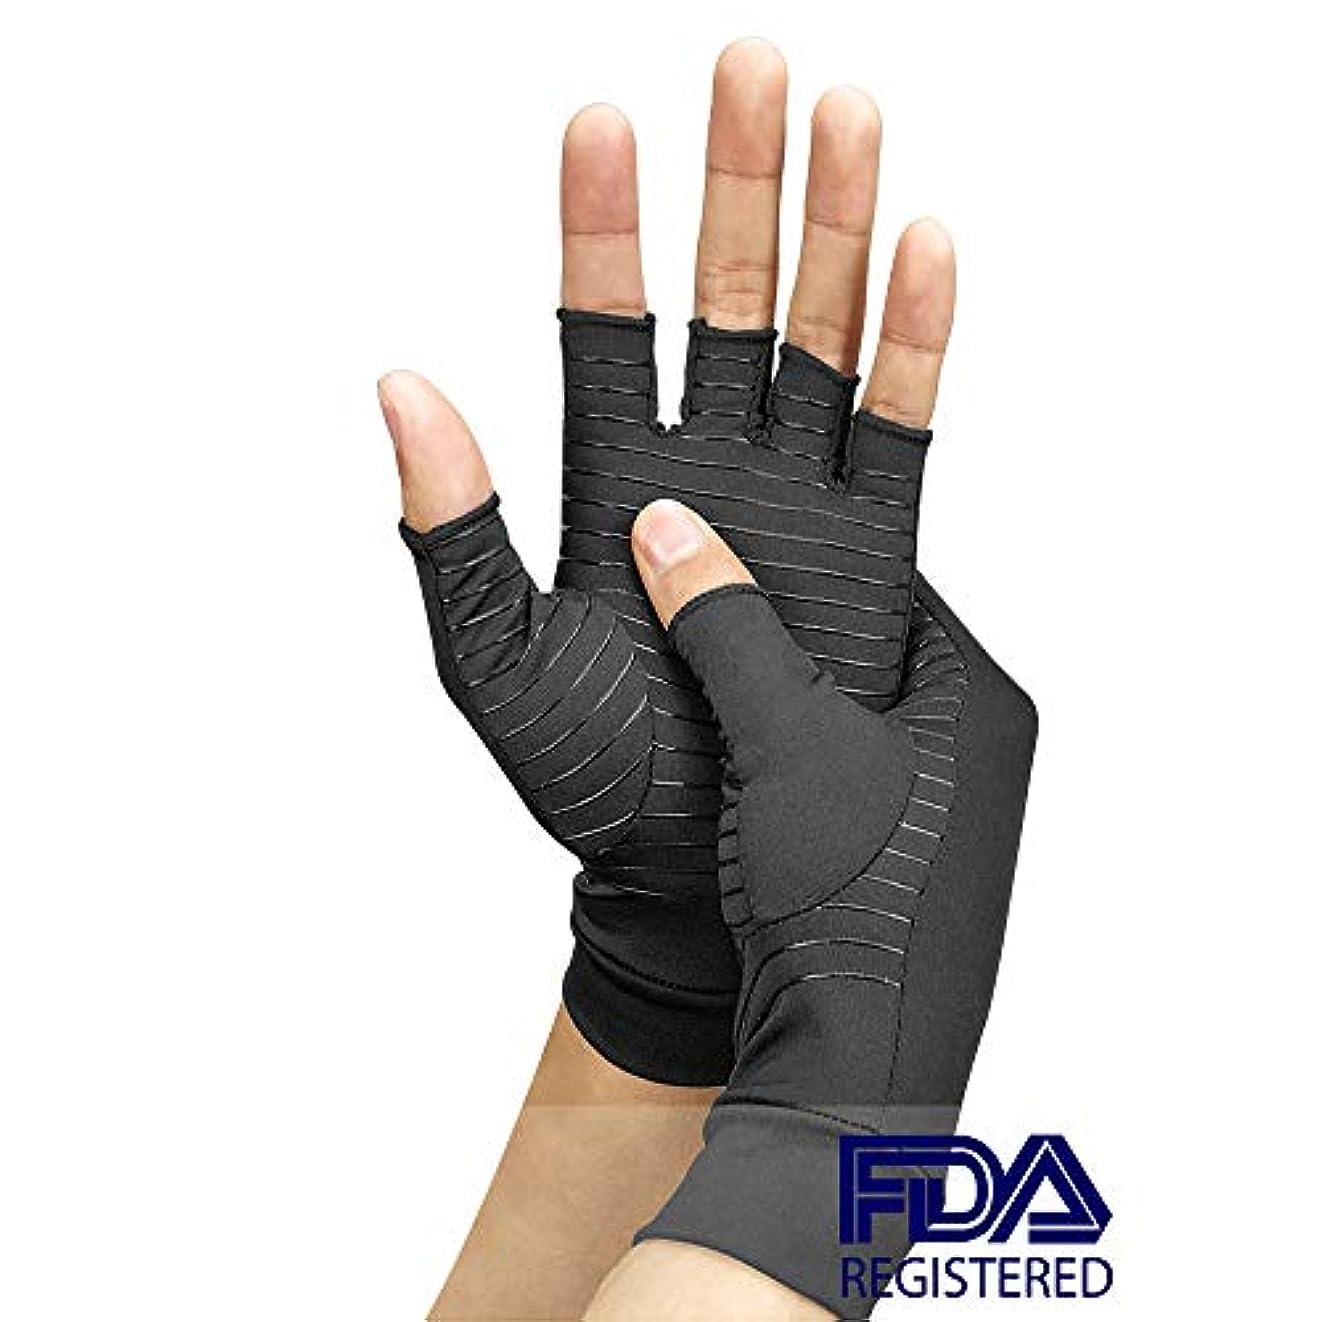 樹木ハードリングどれか関節炎の手袋、変形性関節症 - 関節炎の関節の痛みを軽減するためのリウマチ圧縮手袋 - 手根管手首のサポート - コンピューターの入力のための開いた指、指なし親指